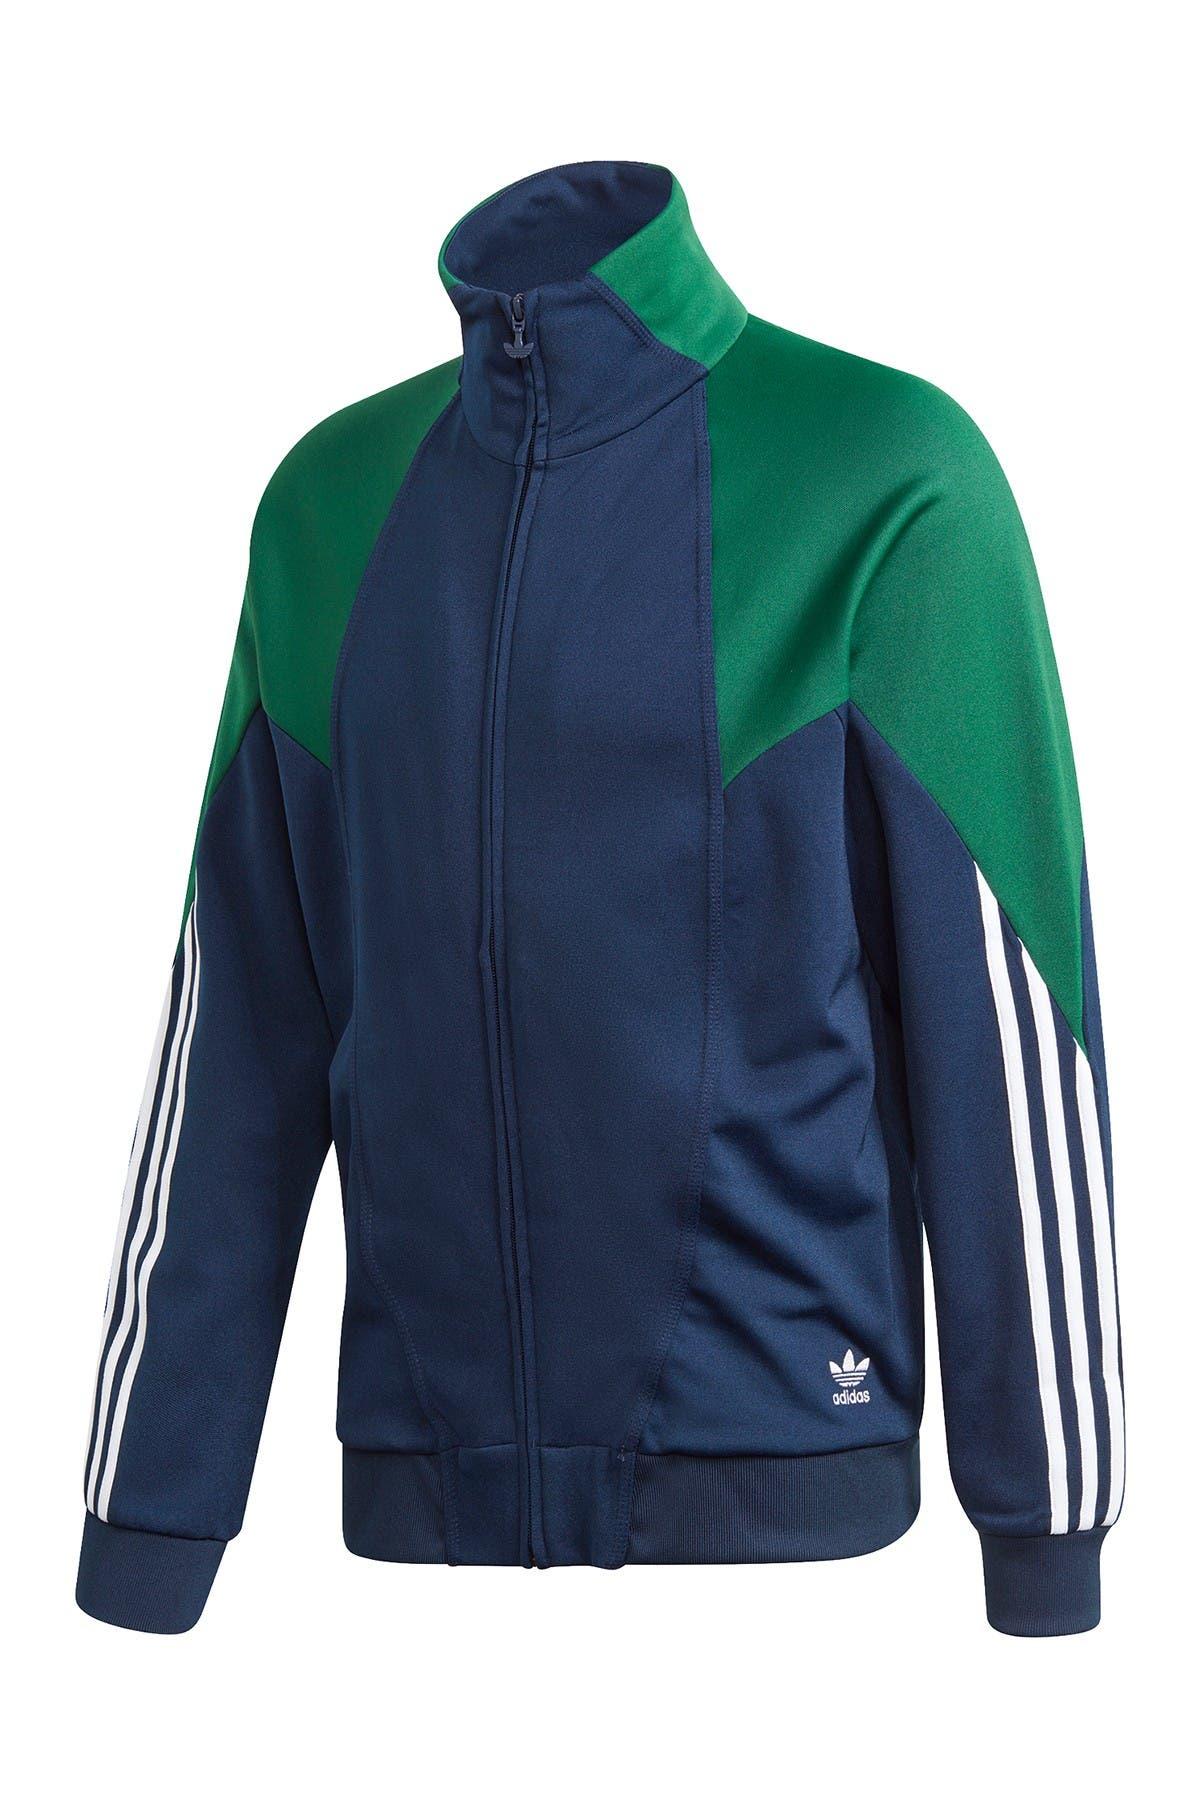 Image of adidas Big Trefoil Outline Track Jacket